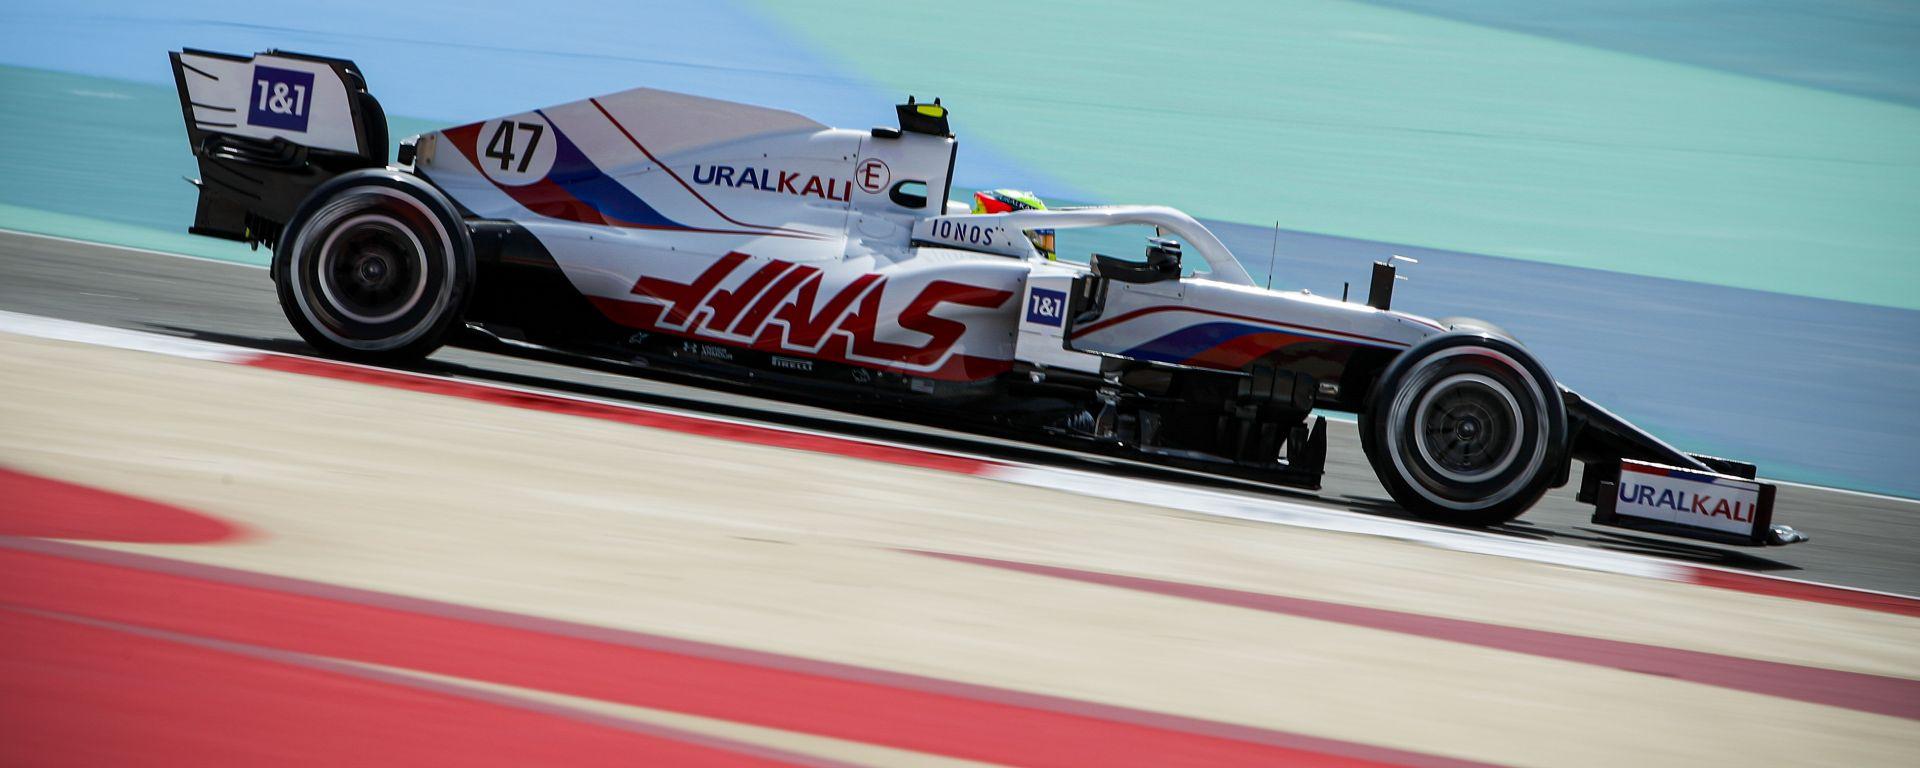 F1 2021: Mick Schumacher al debutto sulla Haas VF-21